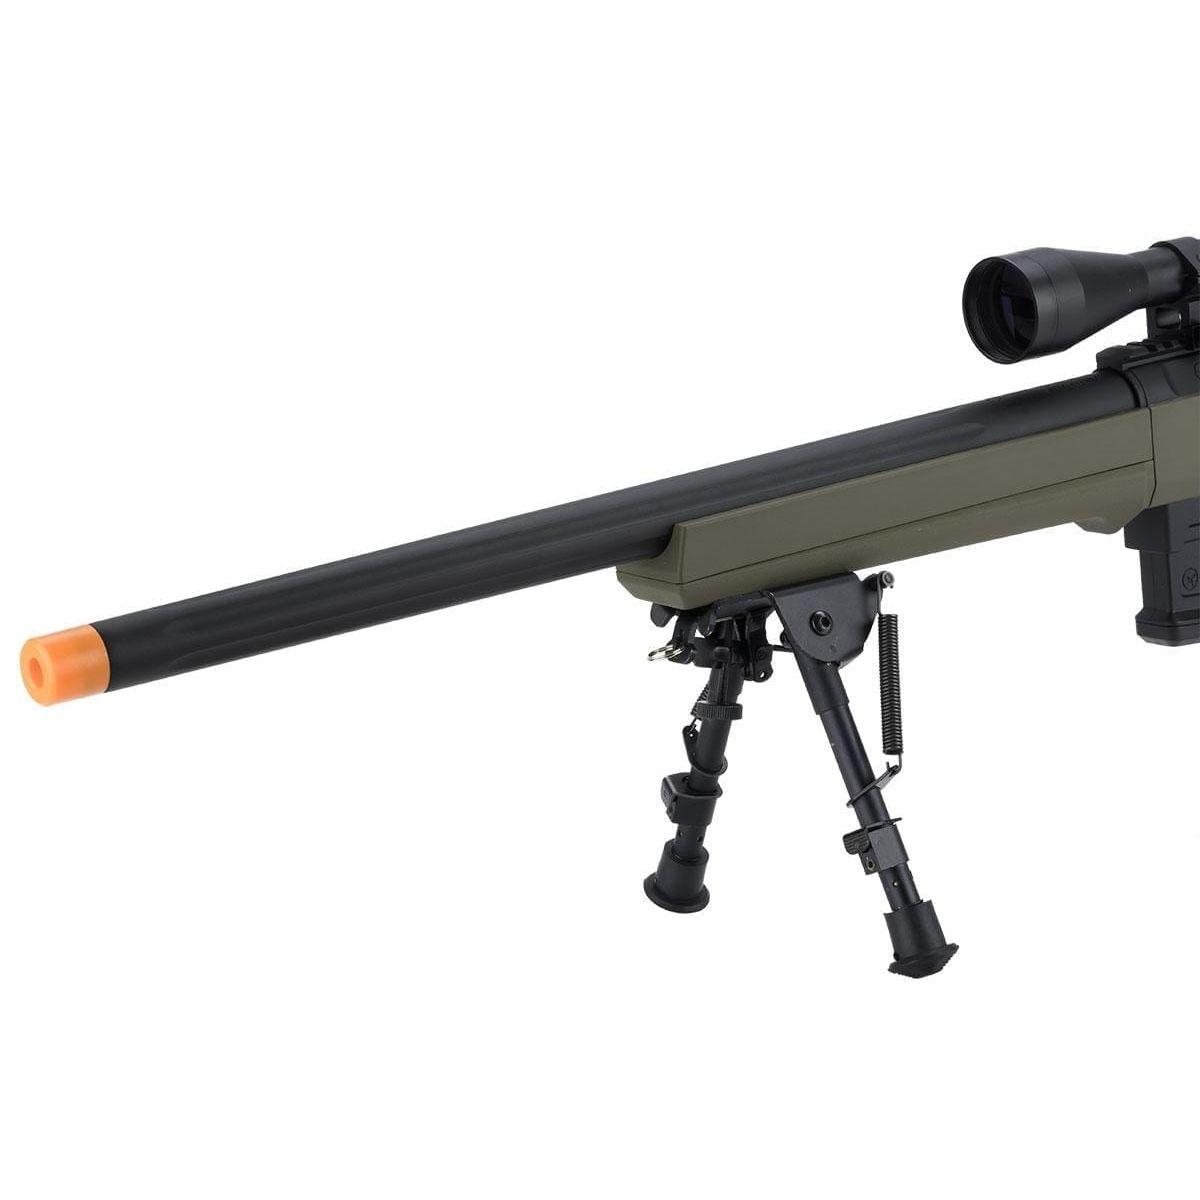 S1 Gen2 Bolt Action Sniper Rifle olive